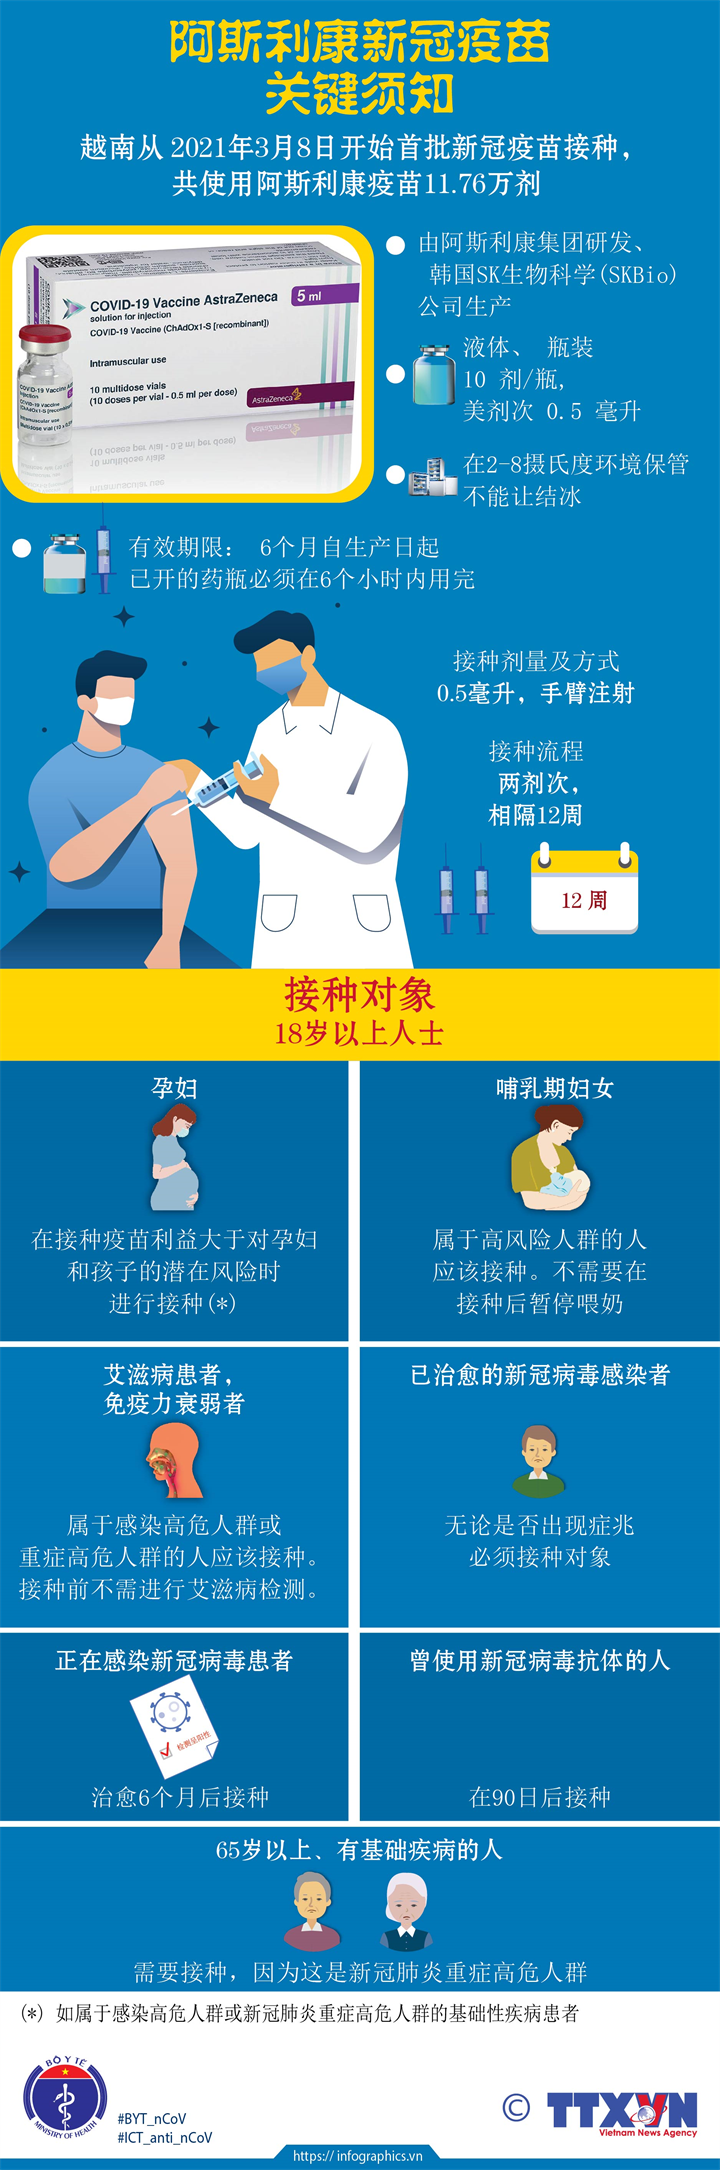 图表新闻:阿斯利康新冠疫苗关键须知